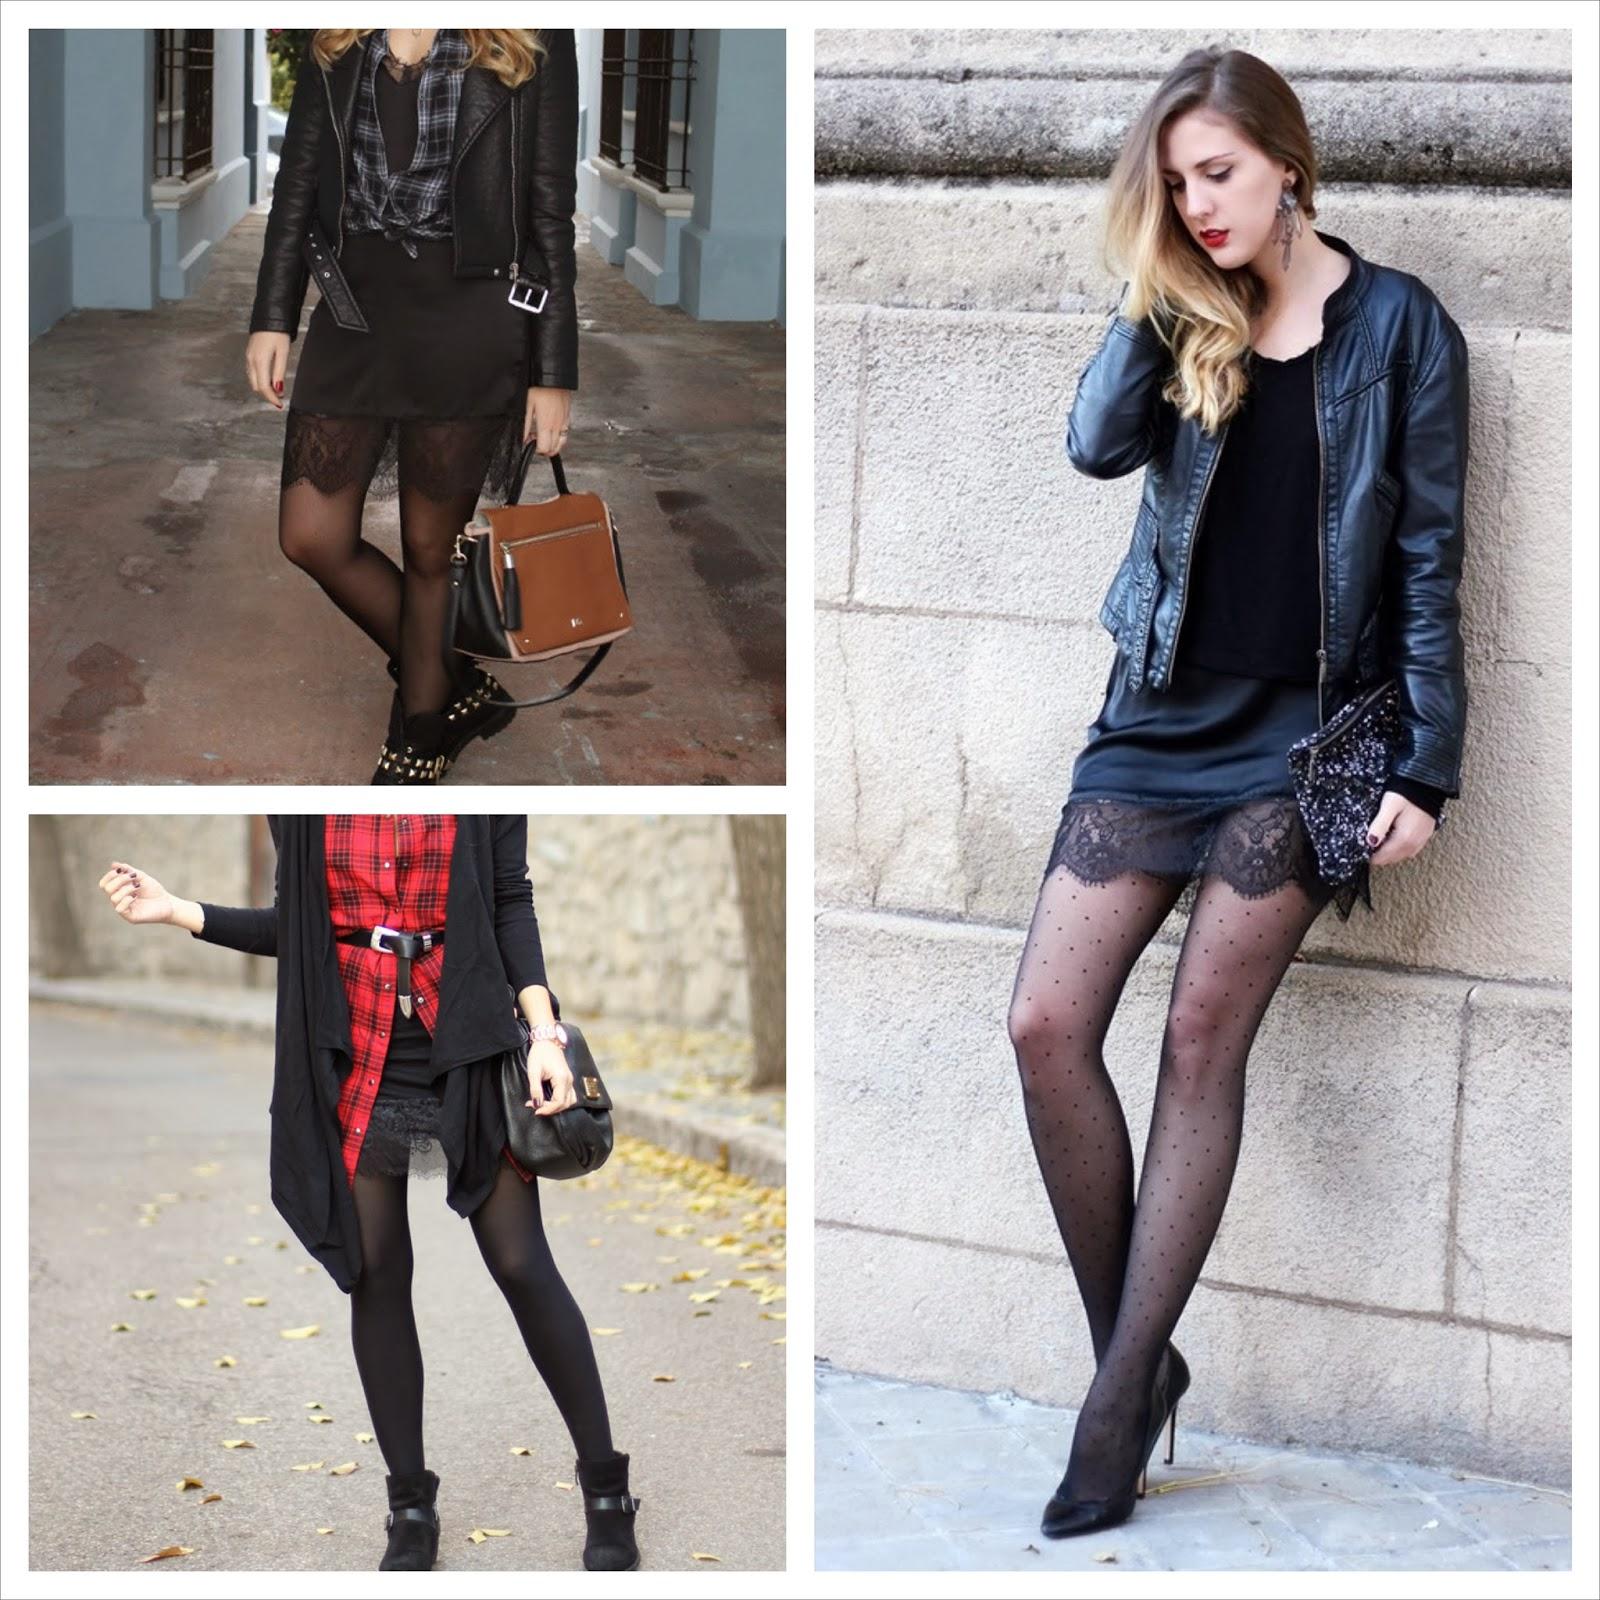 Usar medias con vestido corto